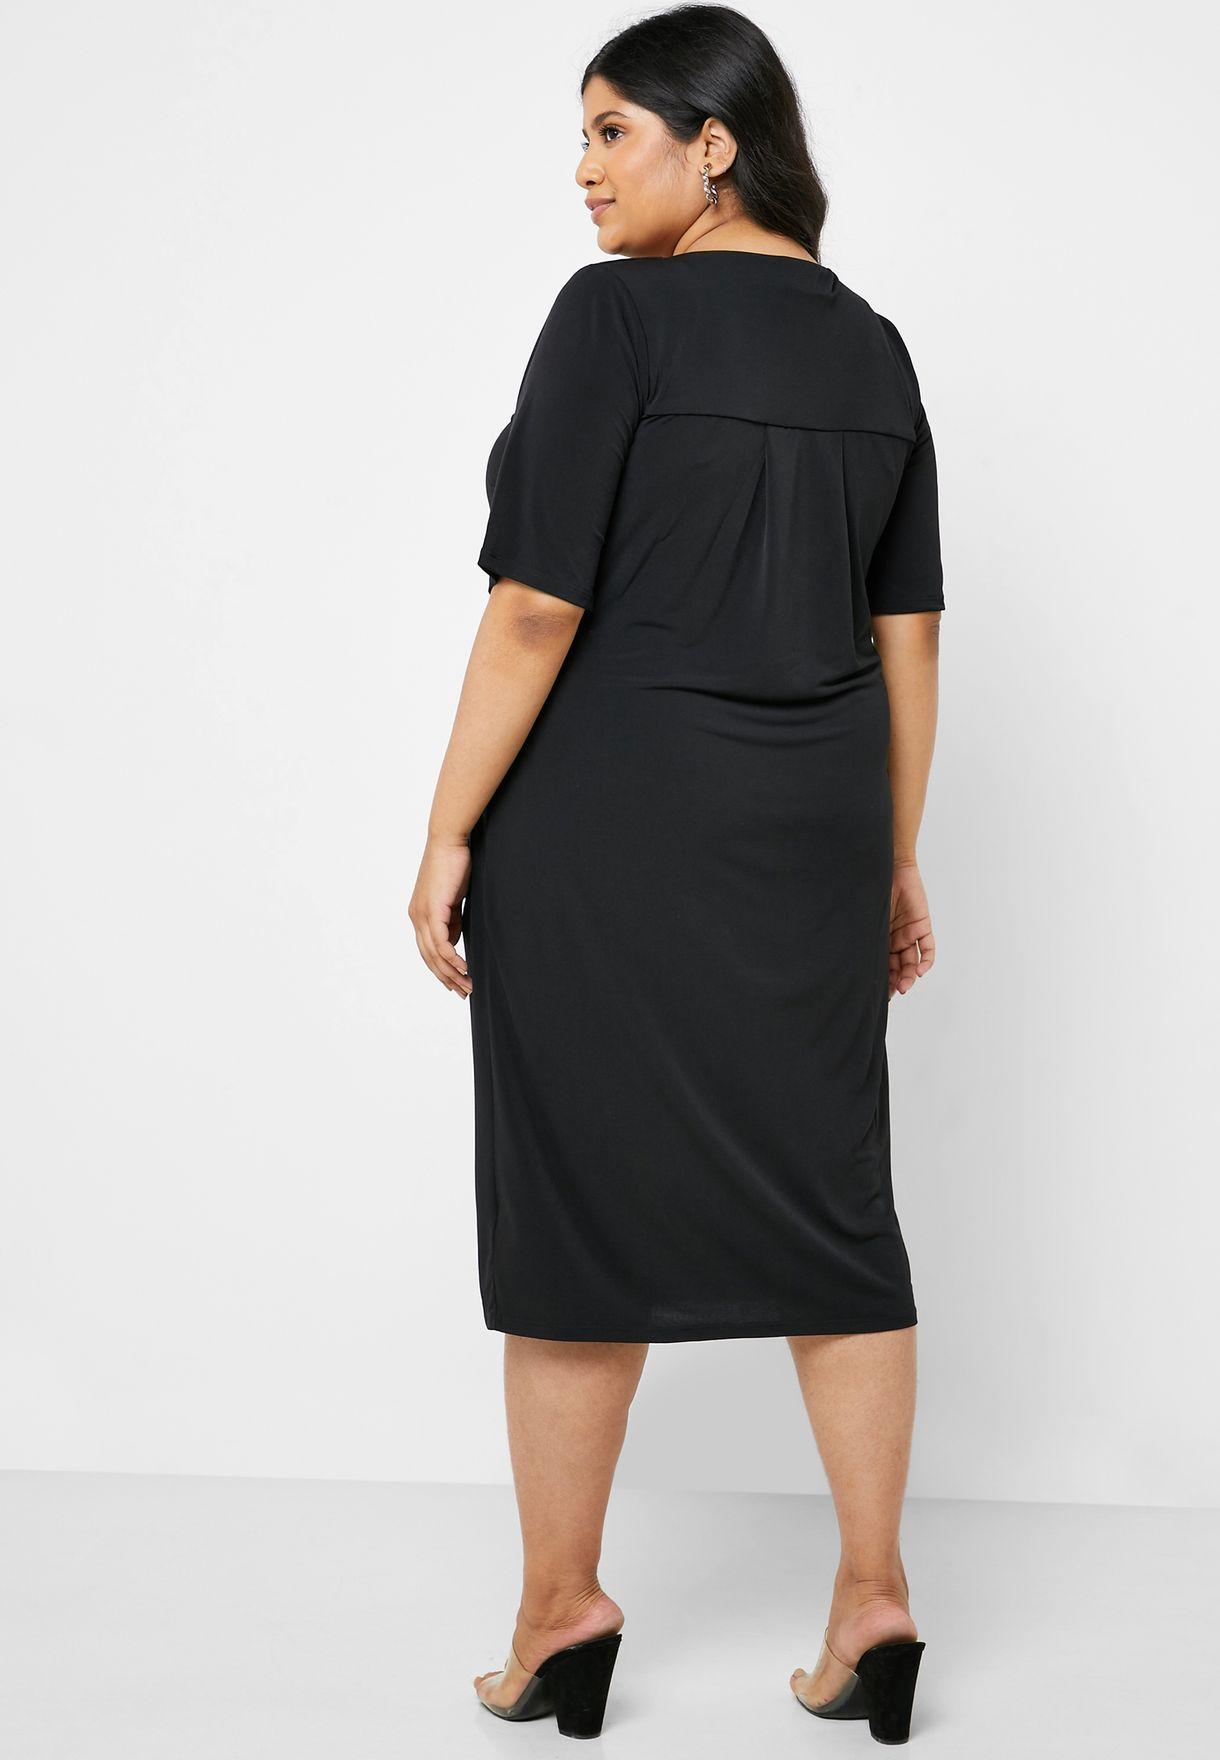 فستان بياقة محززة و كسرات